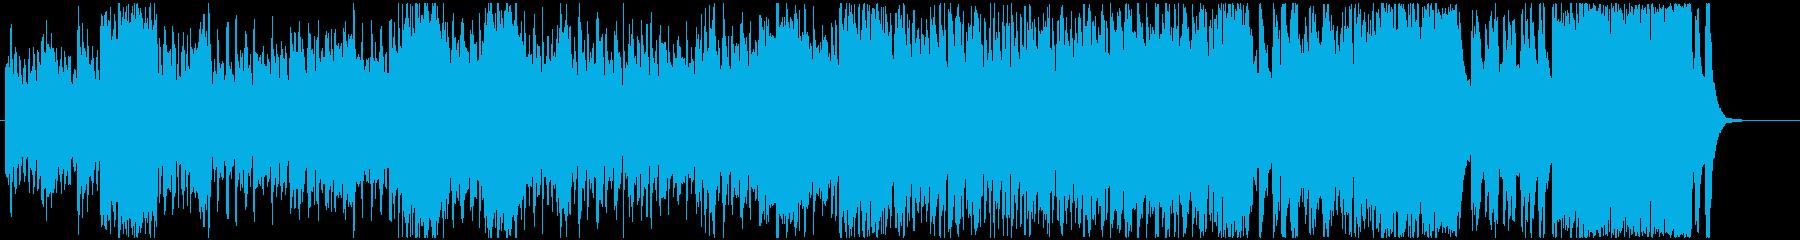 忙しい雰囲気のオーケストラマーチ風BGMの再生済みの波形